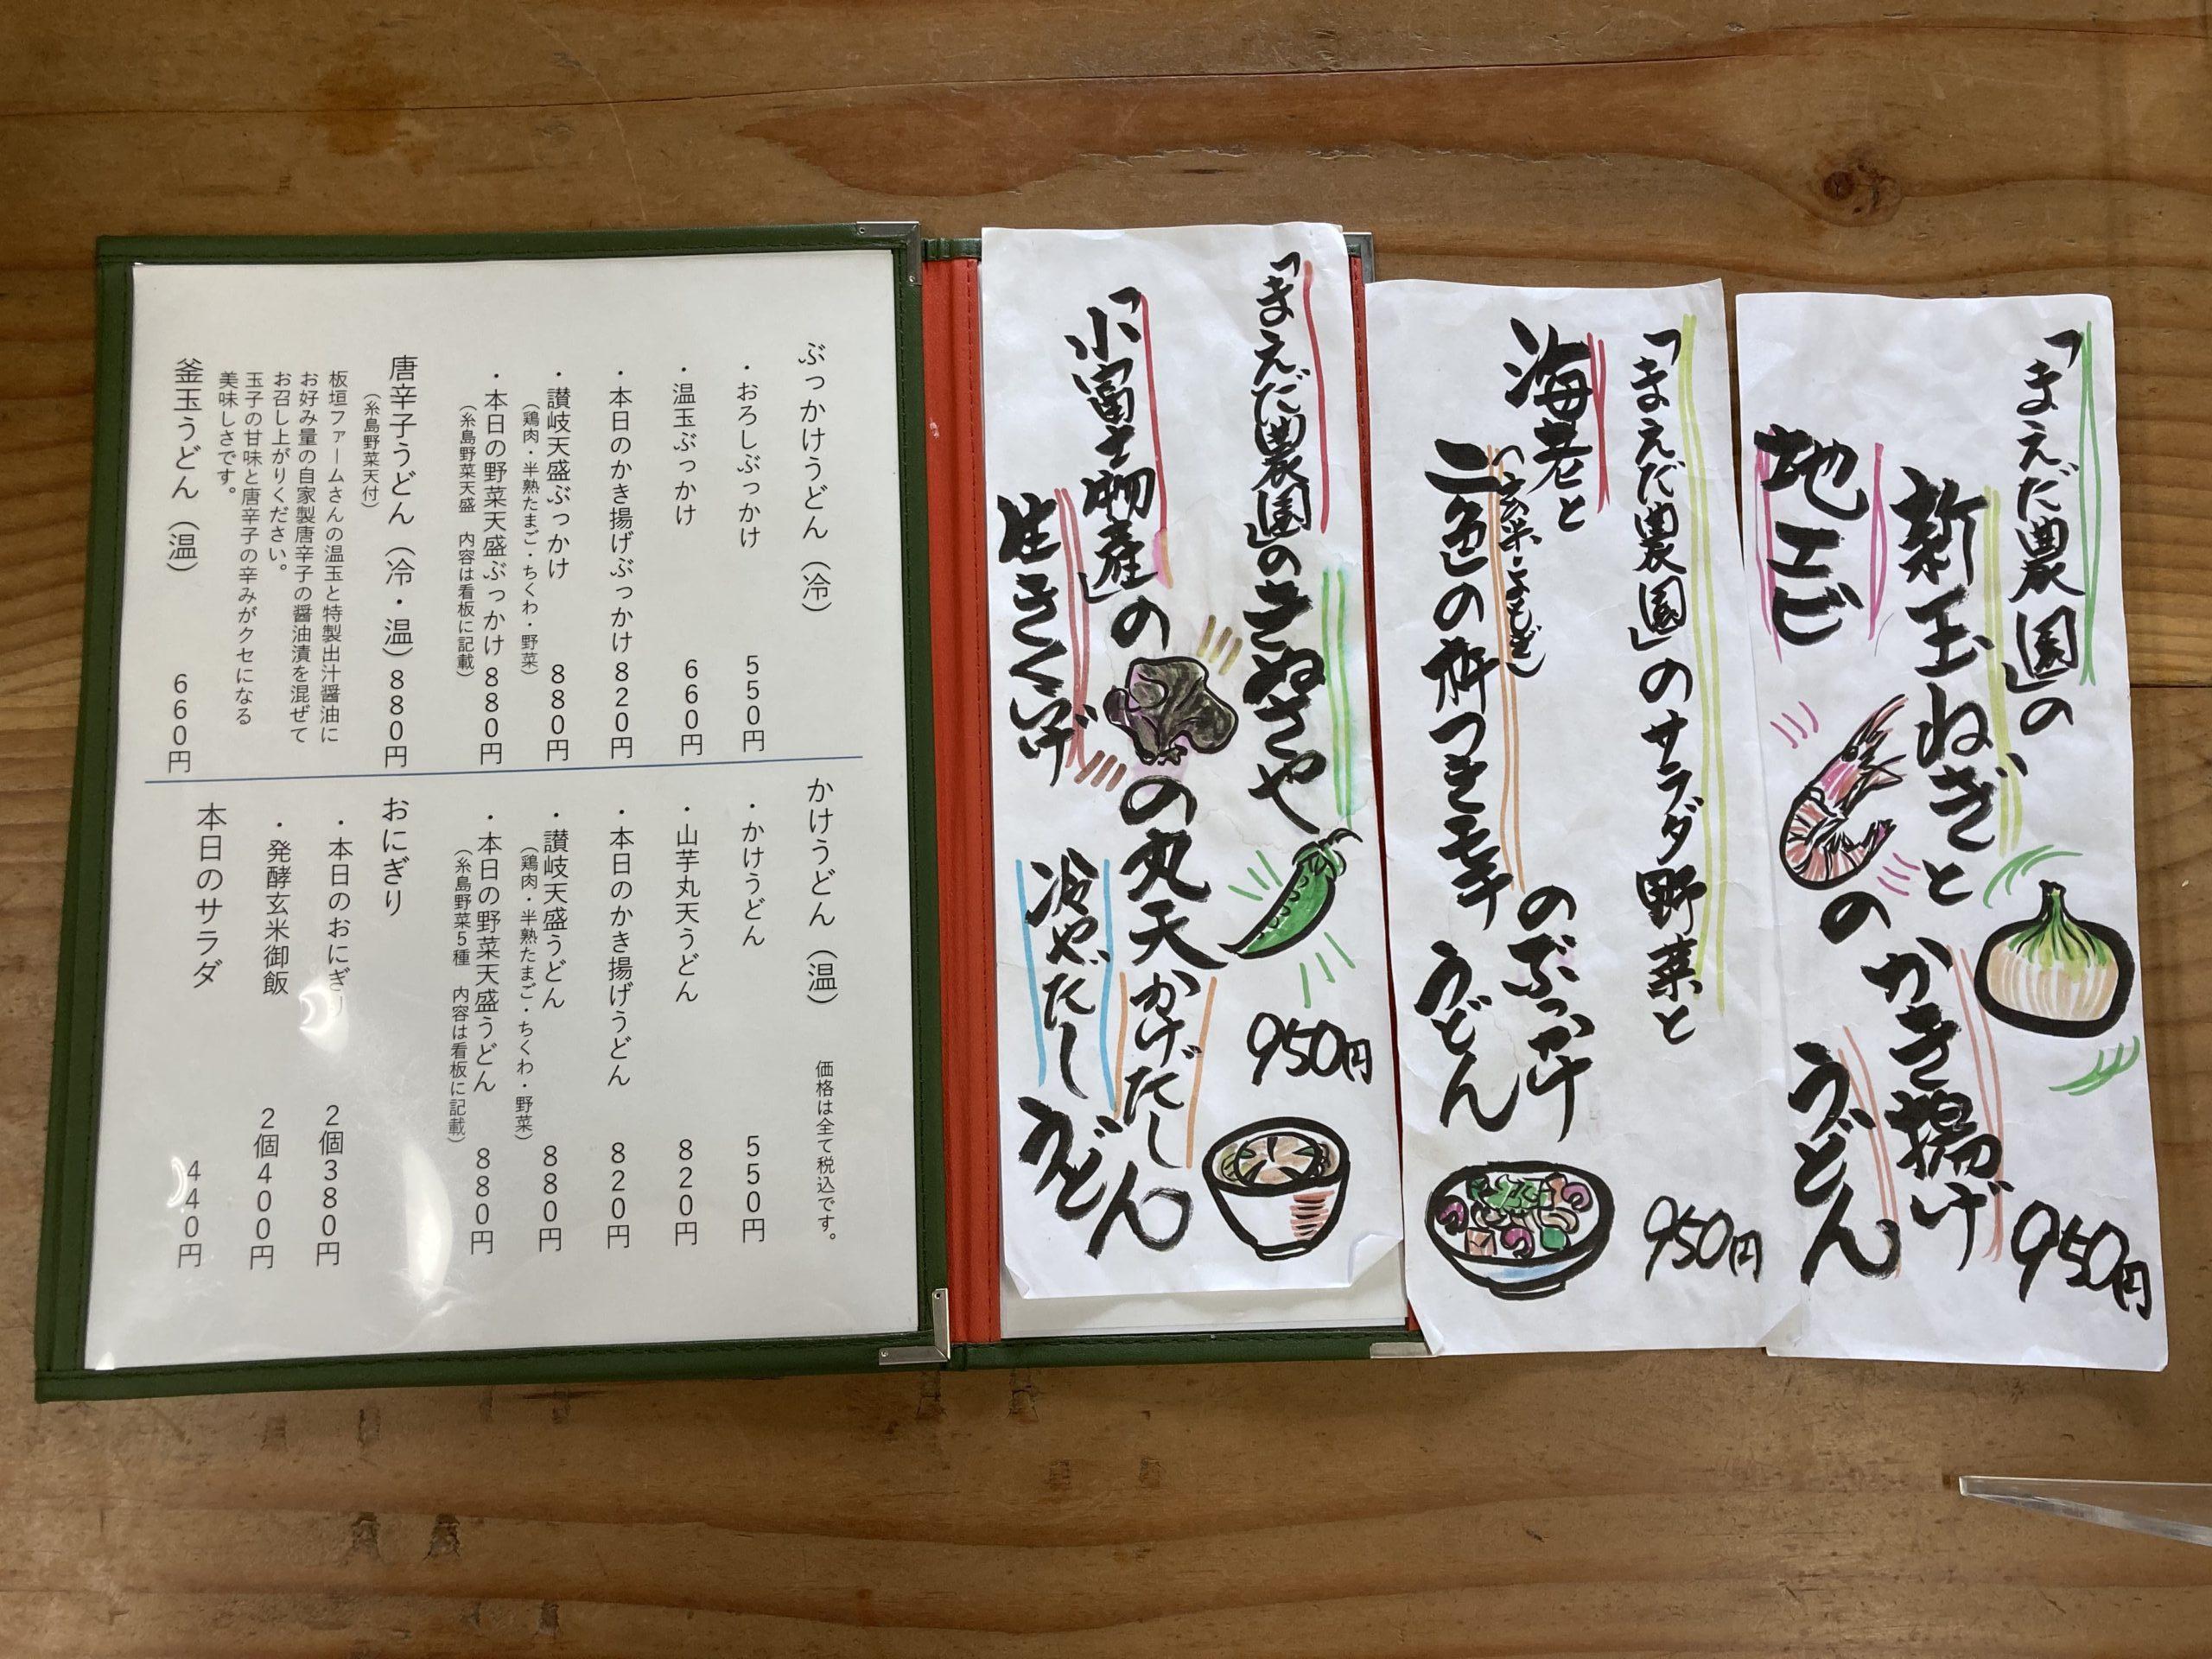 写真:白糸うどんやすじのメニュー表